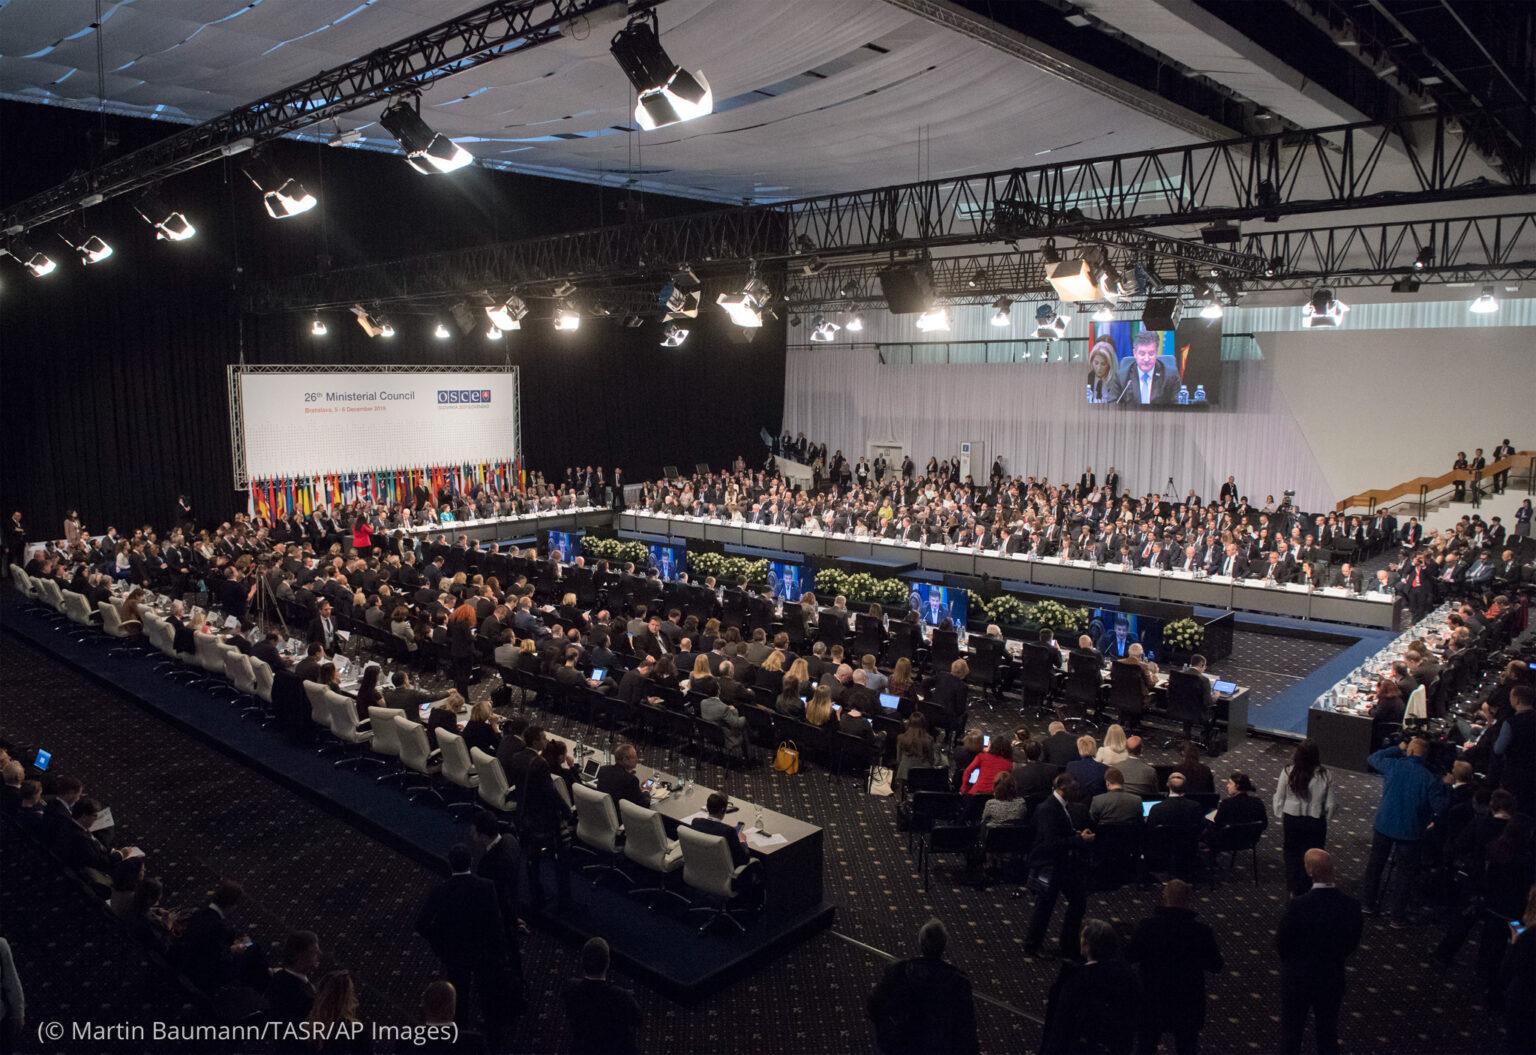 Veľká miestnosť plná ľudí sediacich za dlhými stolmi (© Martin Baumann/TASR/AP Images)